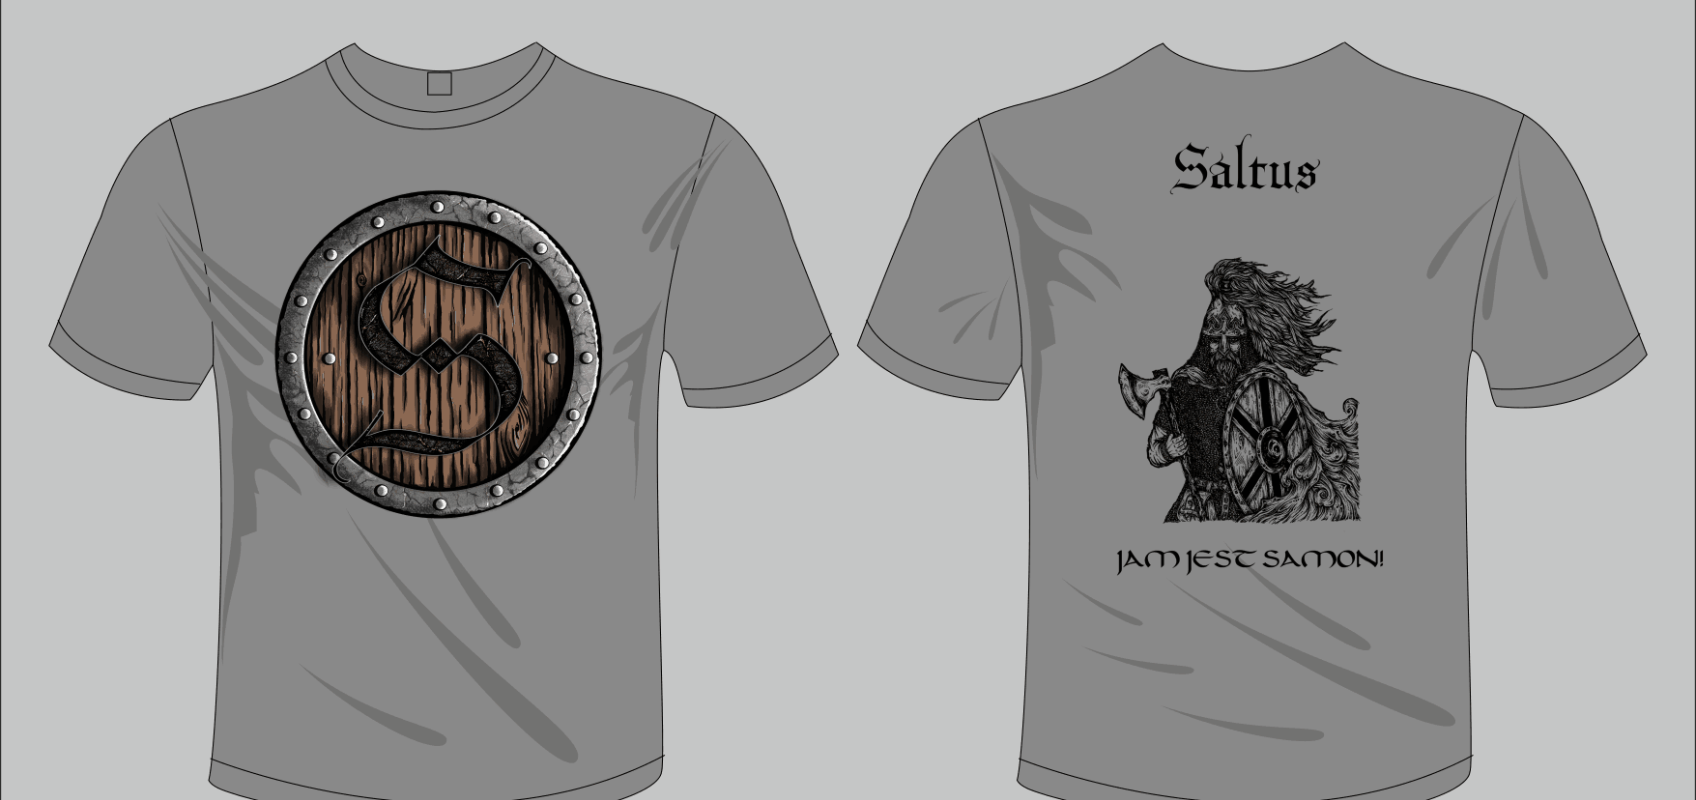 Koszulki Saltus Jam jest Samon!